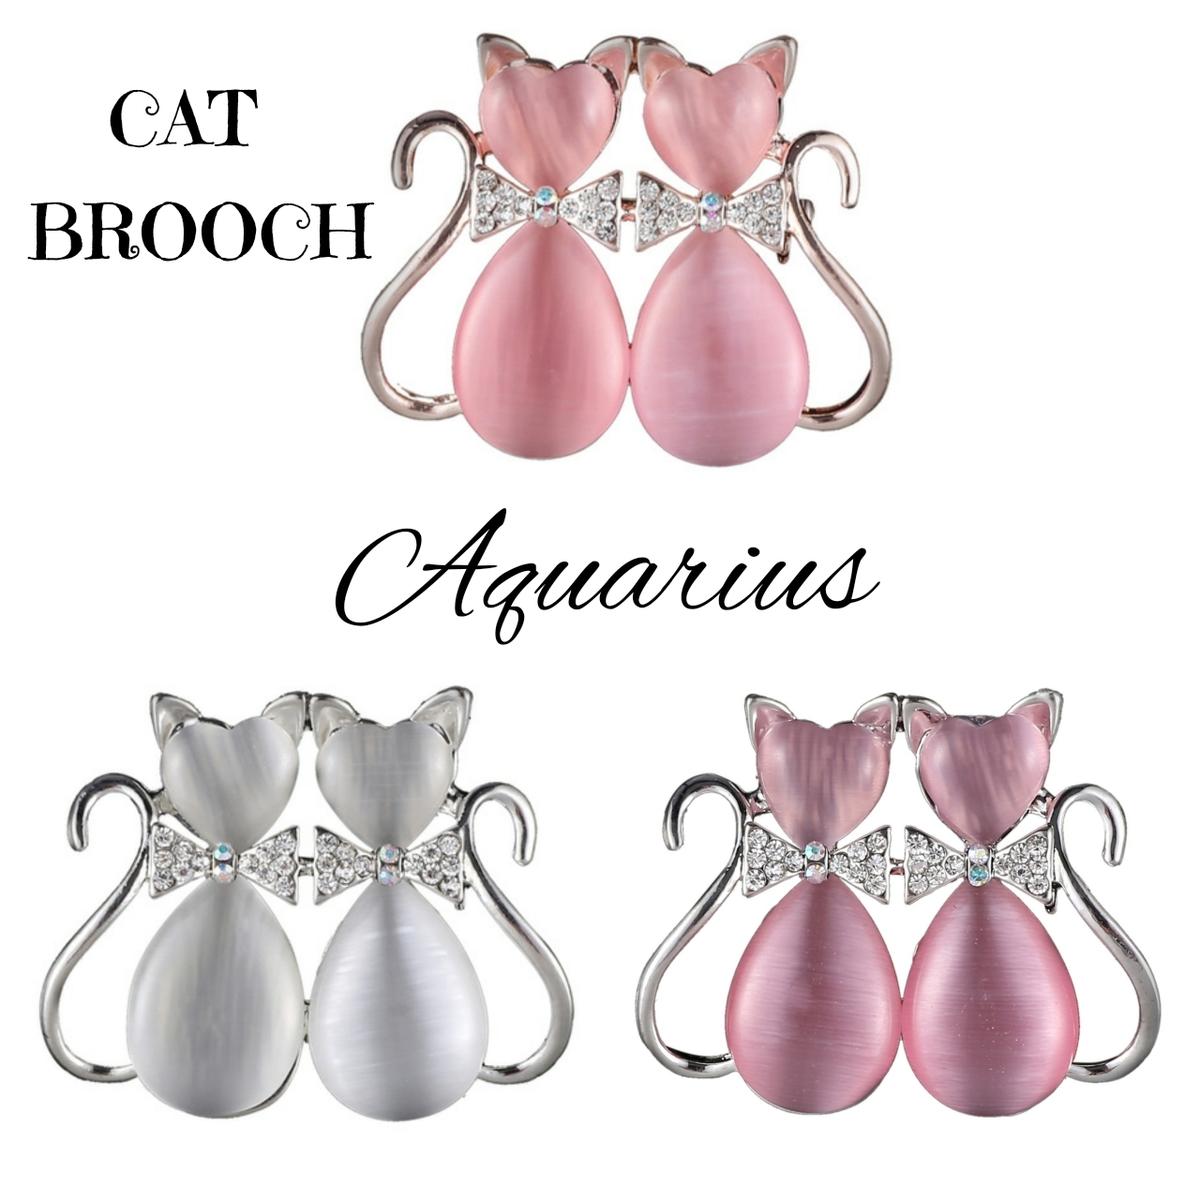 キラキラ輝くリボンをつけた2匹の猫の後ろ姿♪しっぽも ちょーキュート★ 3カラーからお選びいただけます。 スワロフスキー の リボン をつけた猫 ( ネコ ) の ブローチ★ギフトポーチ付き★